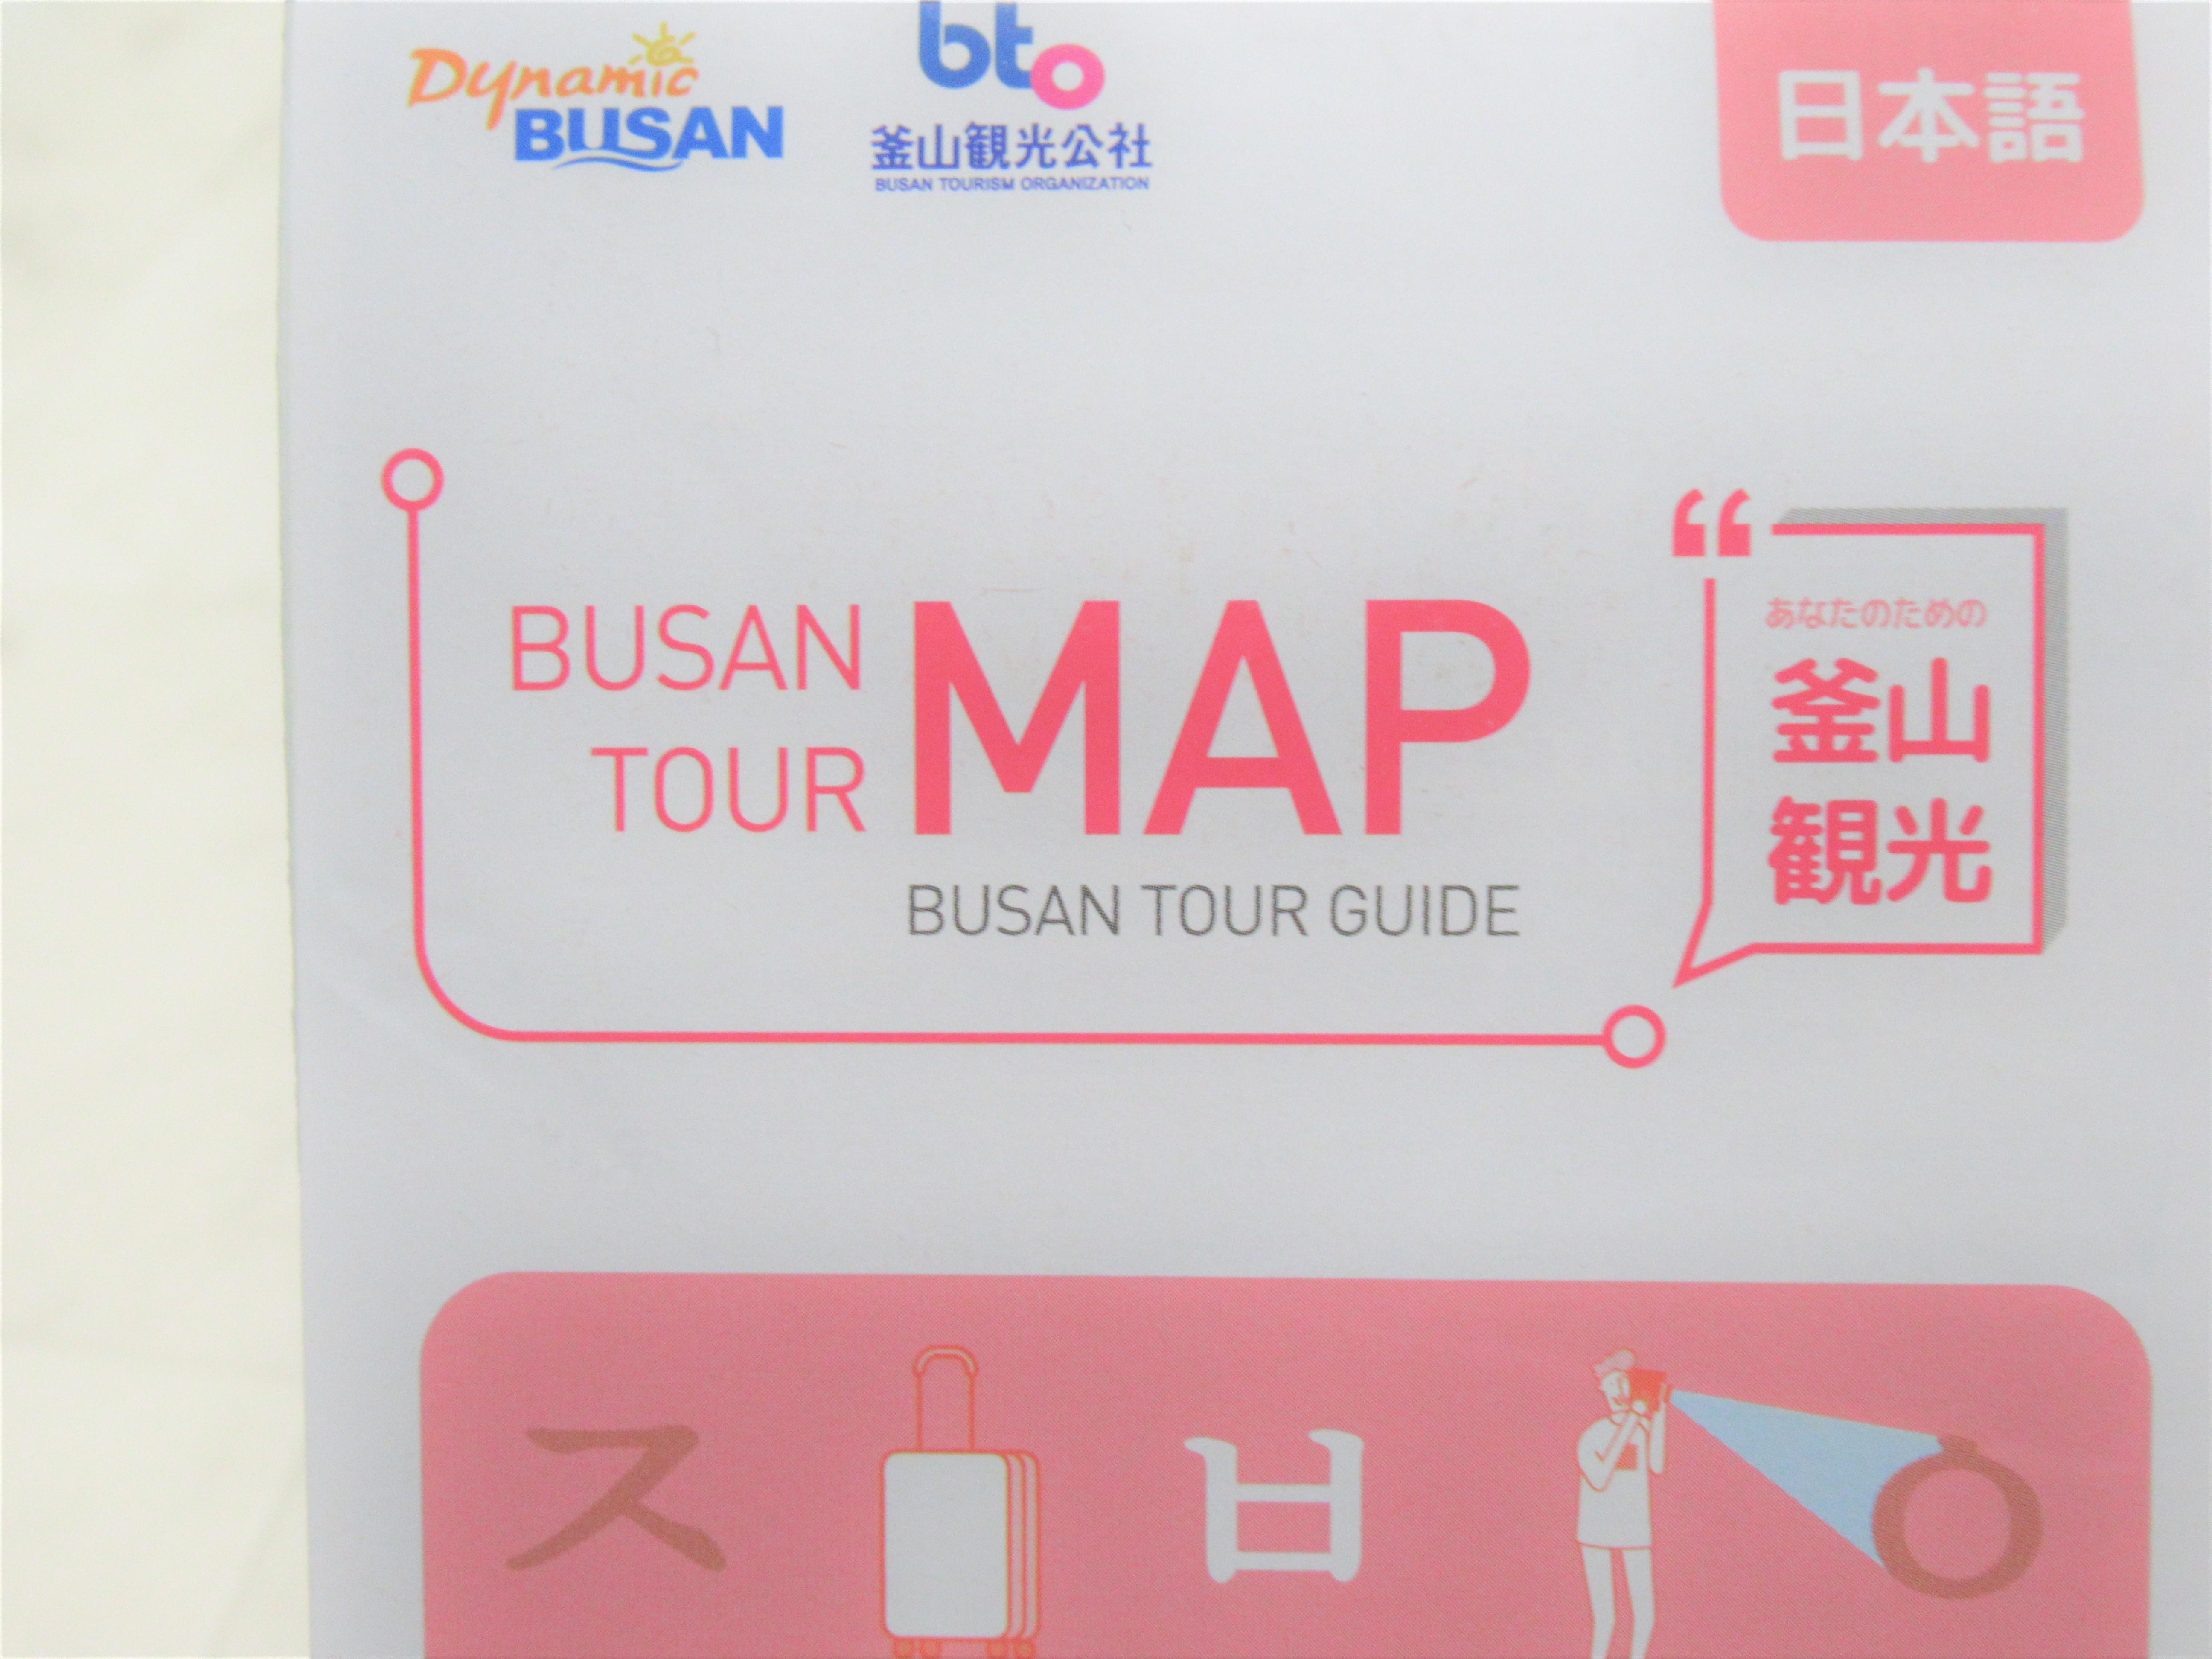 韓国観光公社にガイドマップを資料請求☆方法と内容は?|韓国ブログ旅